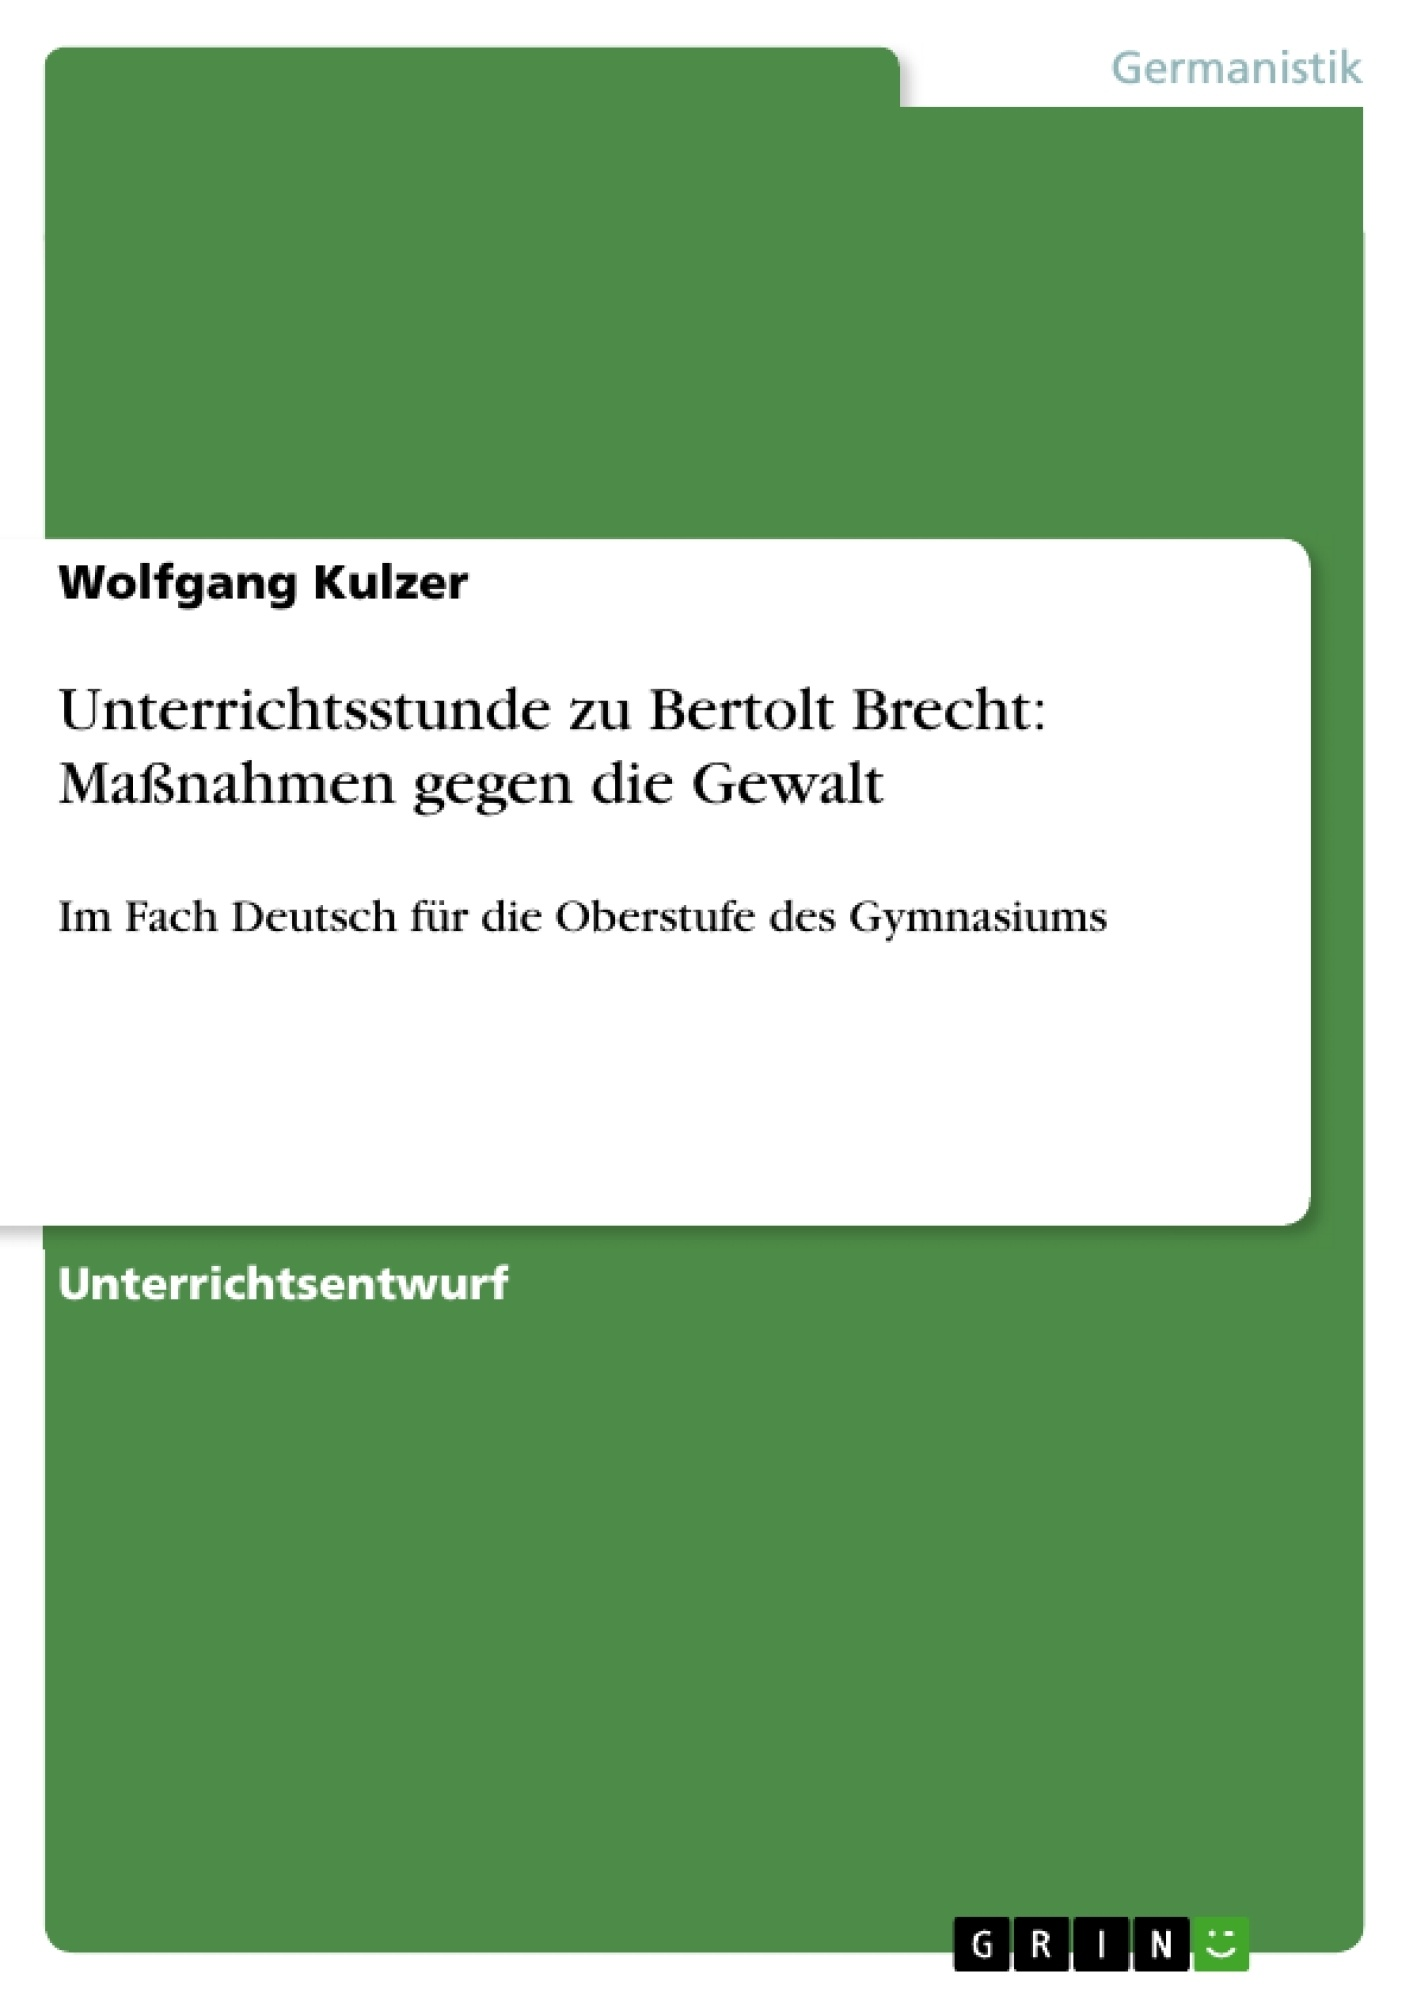 Titel: Unterrichtsstunde zu Bertolt Brecht: Maßnahmen gegen die Gewalt